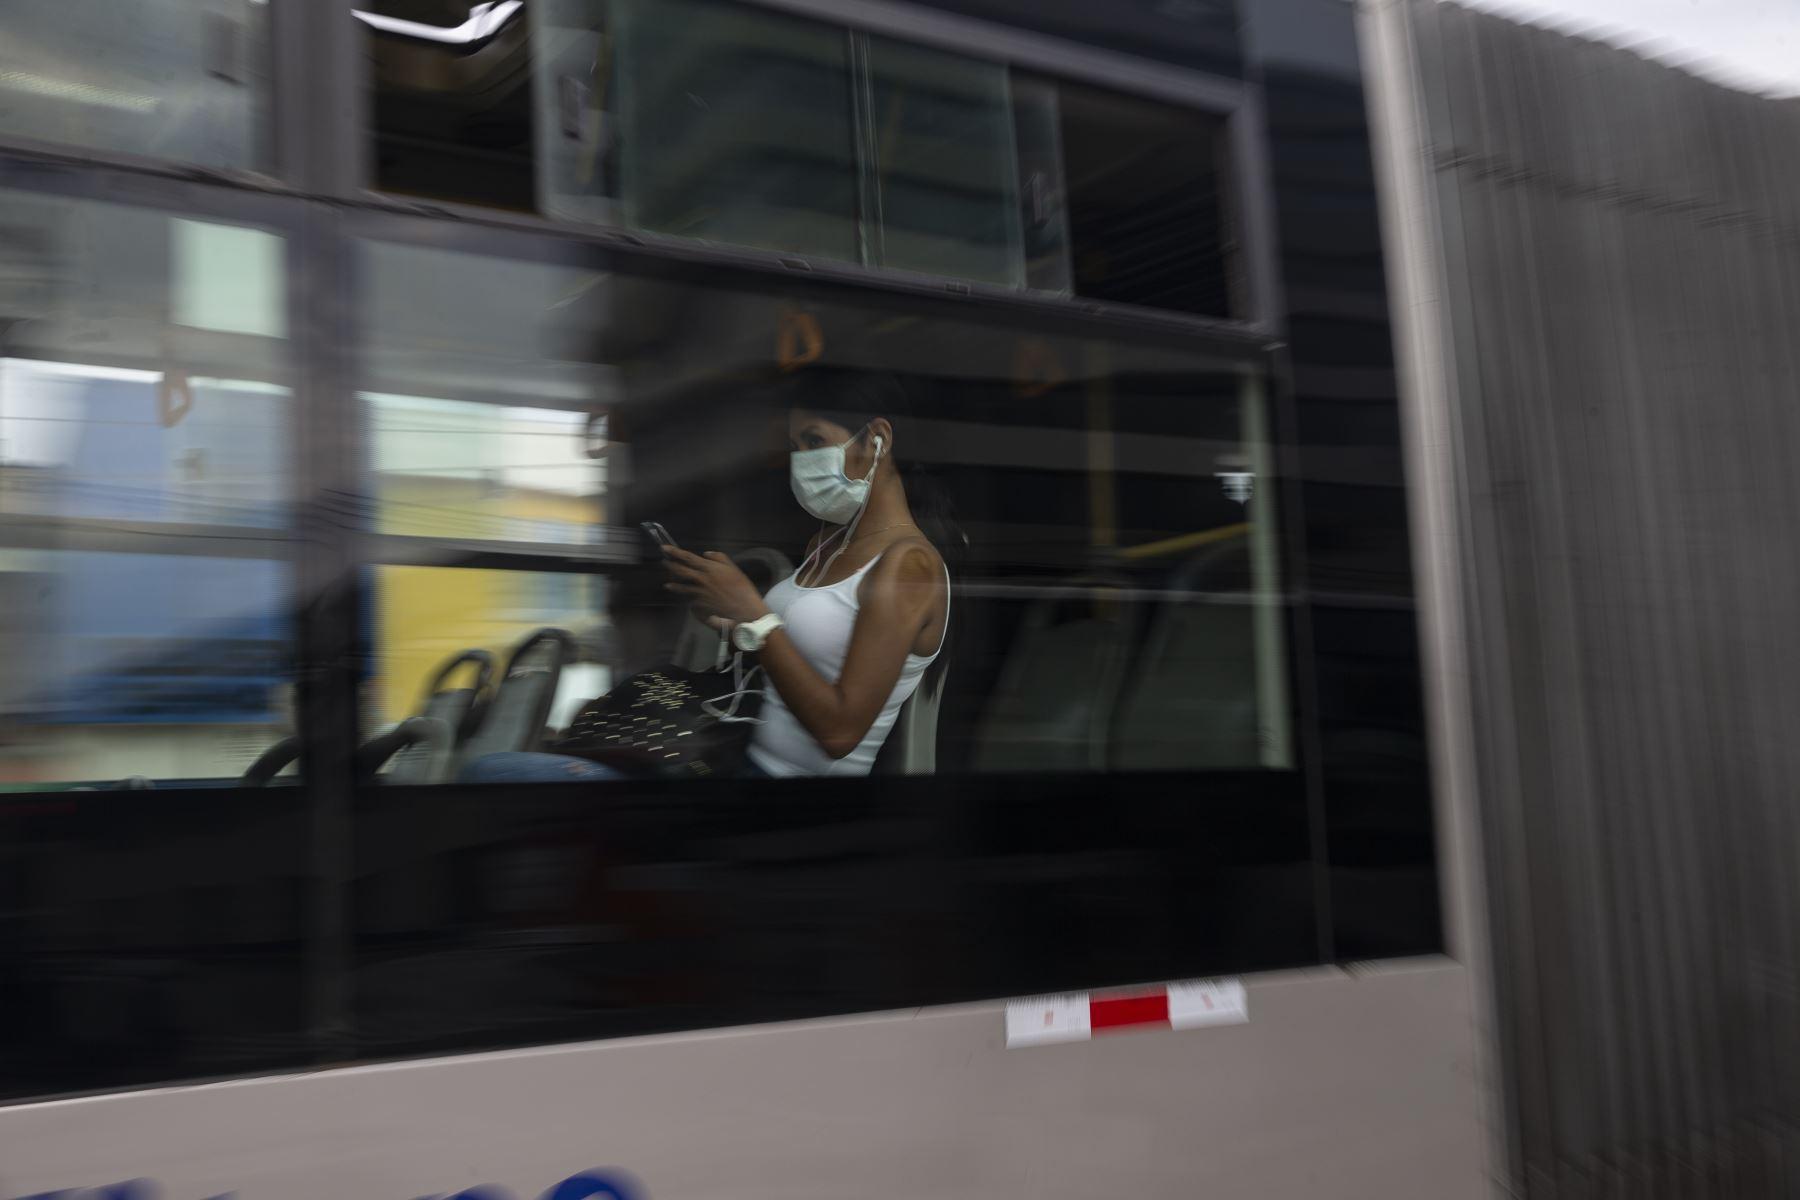 Durante el Estado de Emergencia, la Policía de Tránsito controla que los buses de transporte público no circulen repletos de pasajeros a fin de evitar el contagio por Coronavirus. También inspeccciona a los vehículos particulares. Foto: ANDINA/Jhonel Rodríguez Robles